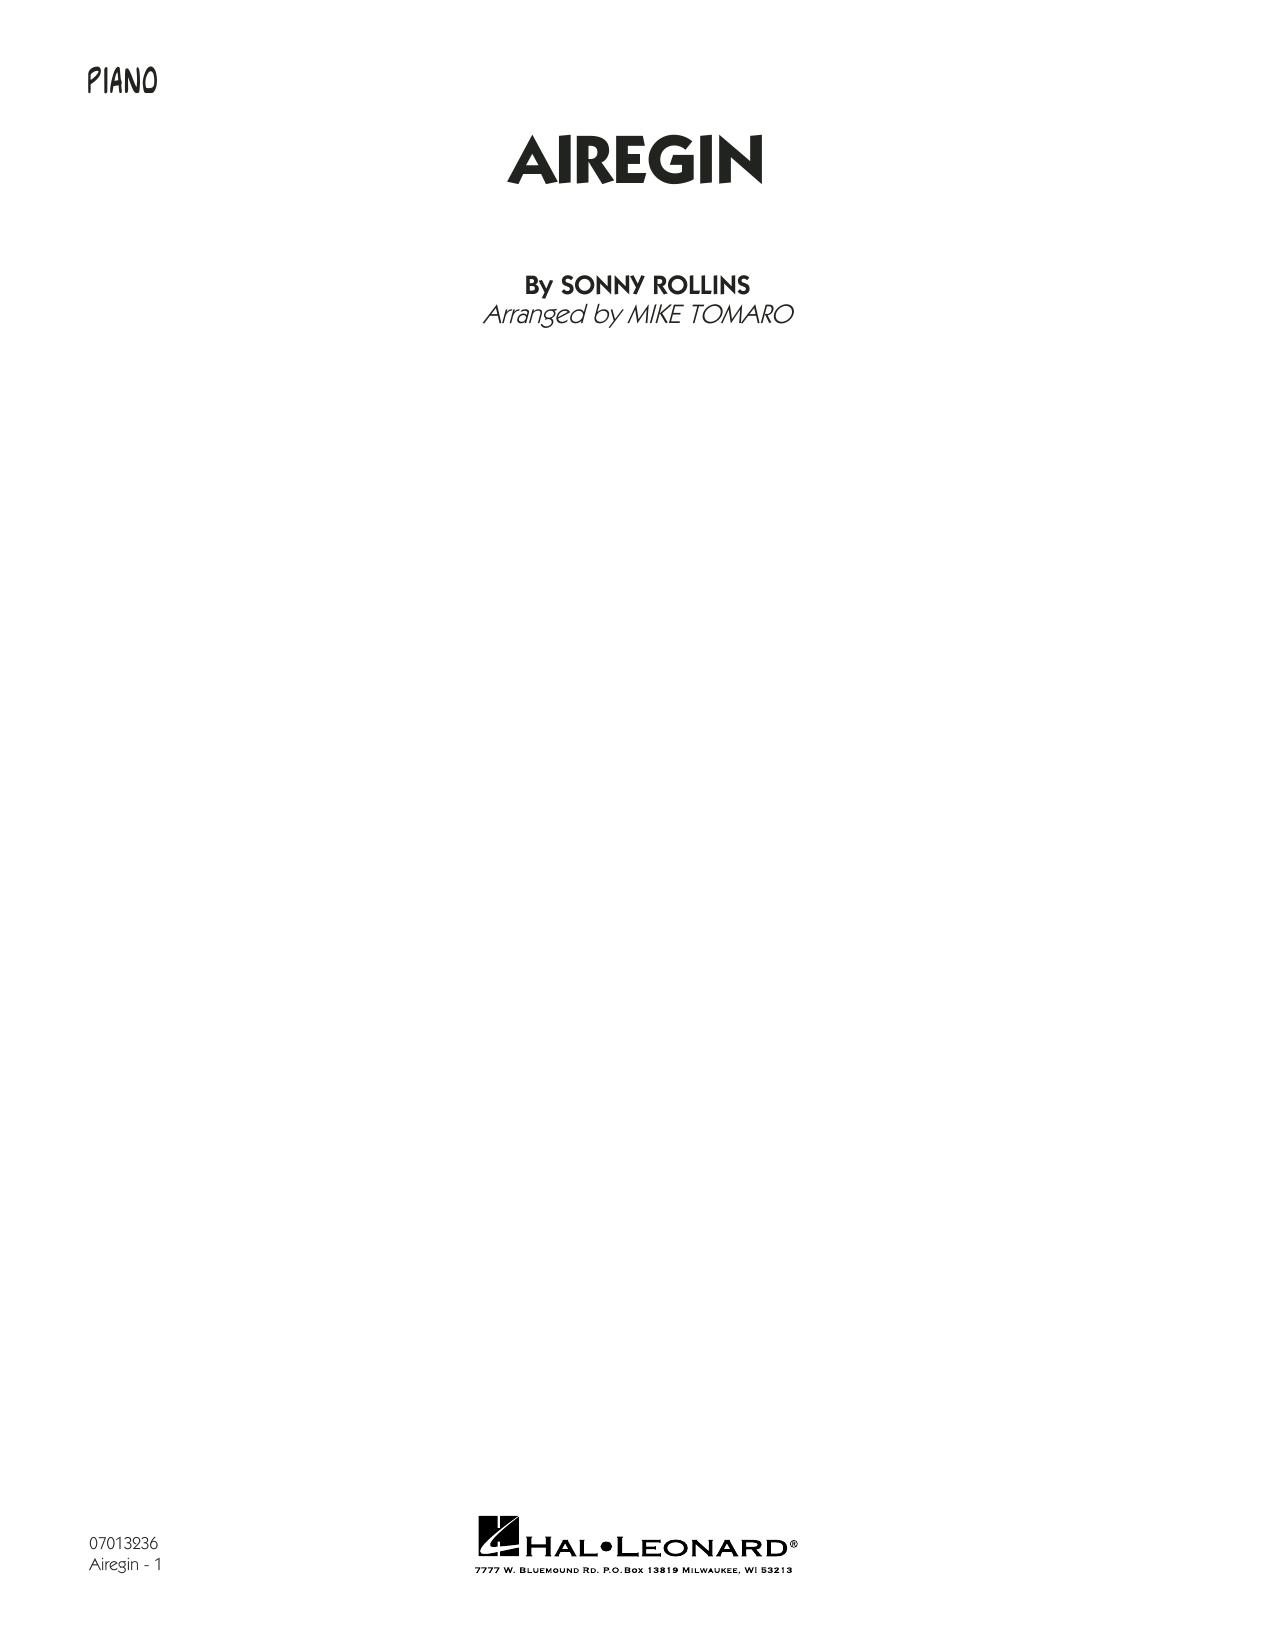 Airegin (arr. Mike Tomaro) - Piano (Jazz Ensemble)